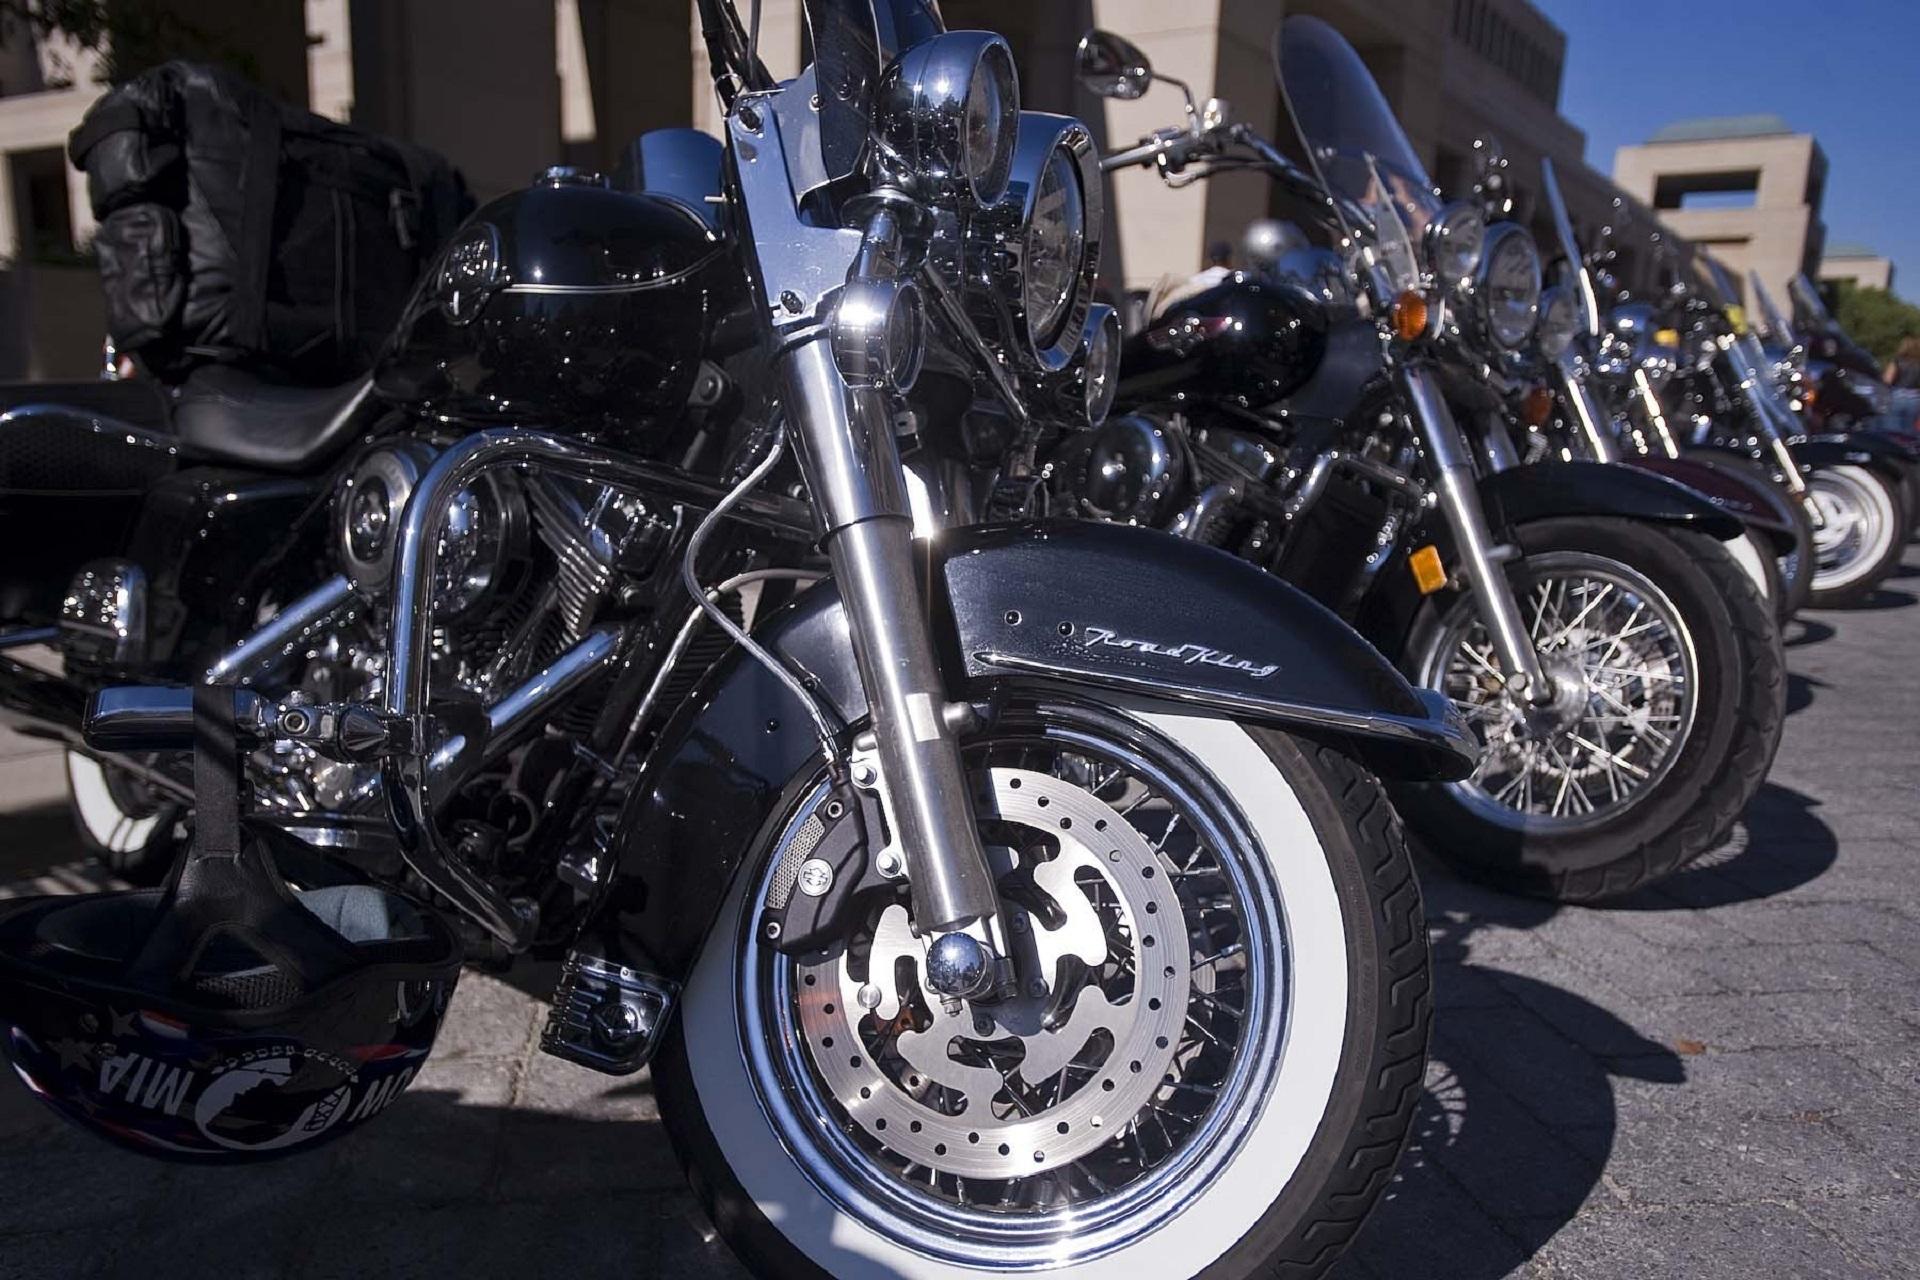 Bike stand photo